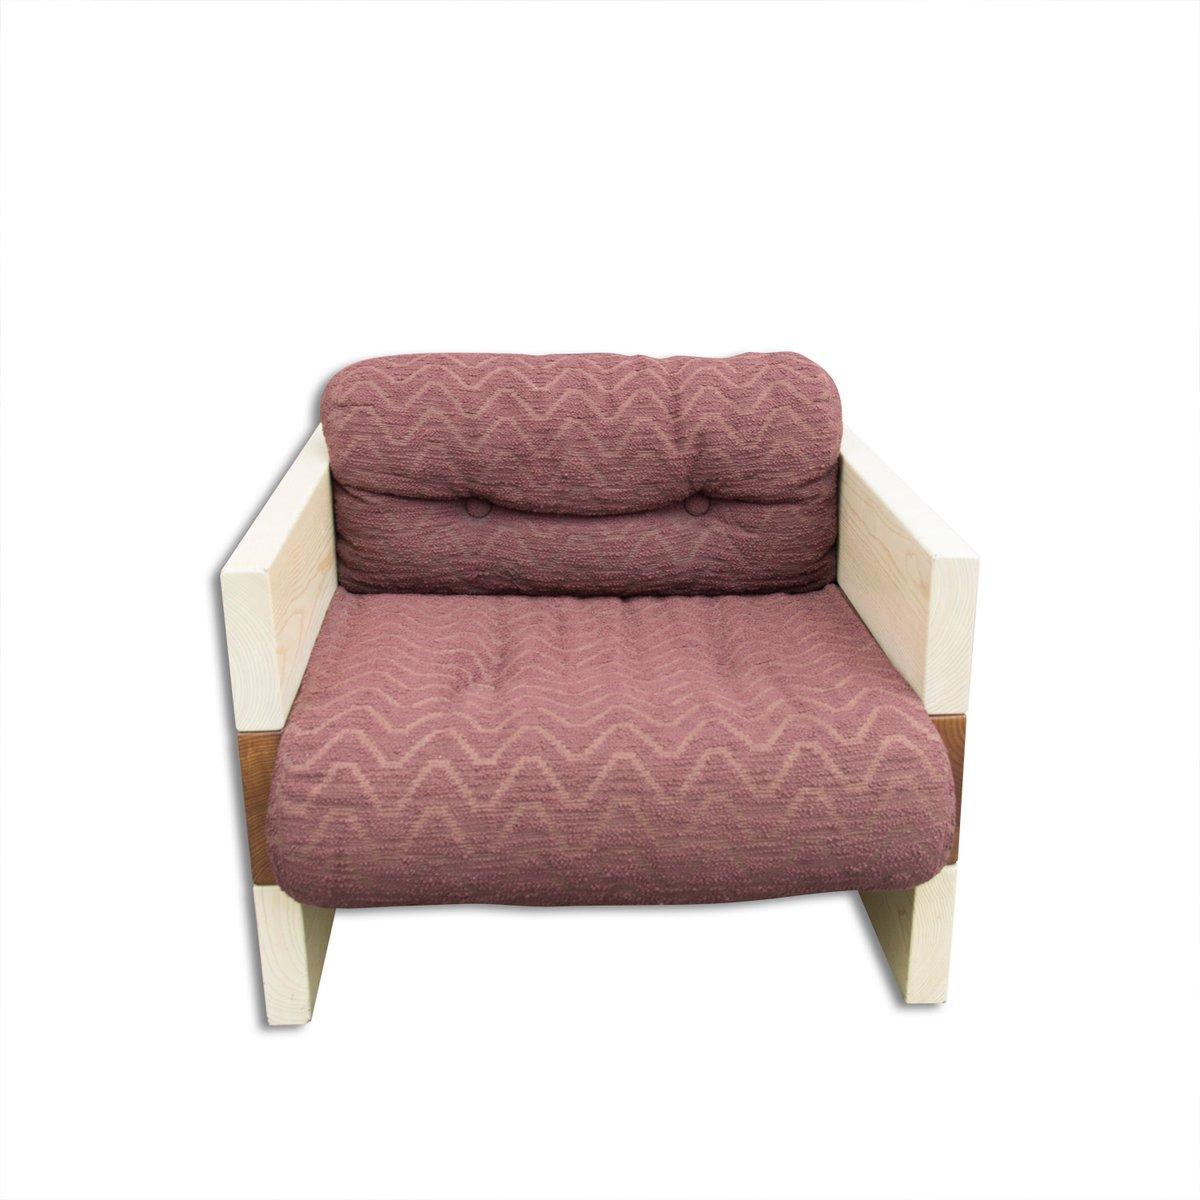 italienische vintage sessel von albert leclerc 1970er 2er set bei pamono kaufen. Black Bedroom Furniture Sets. Home Design Ideas